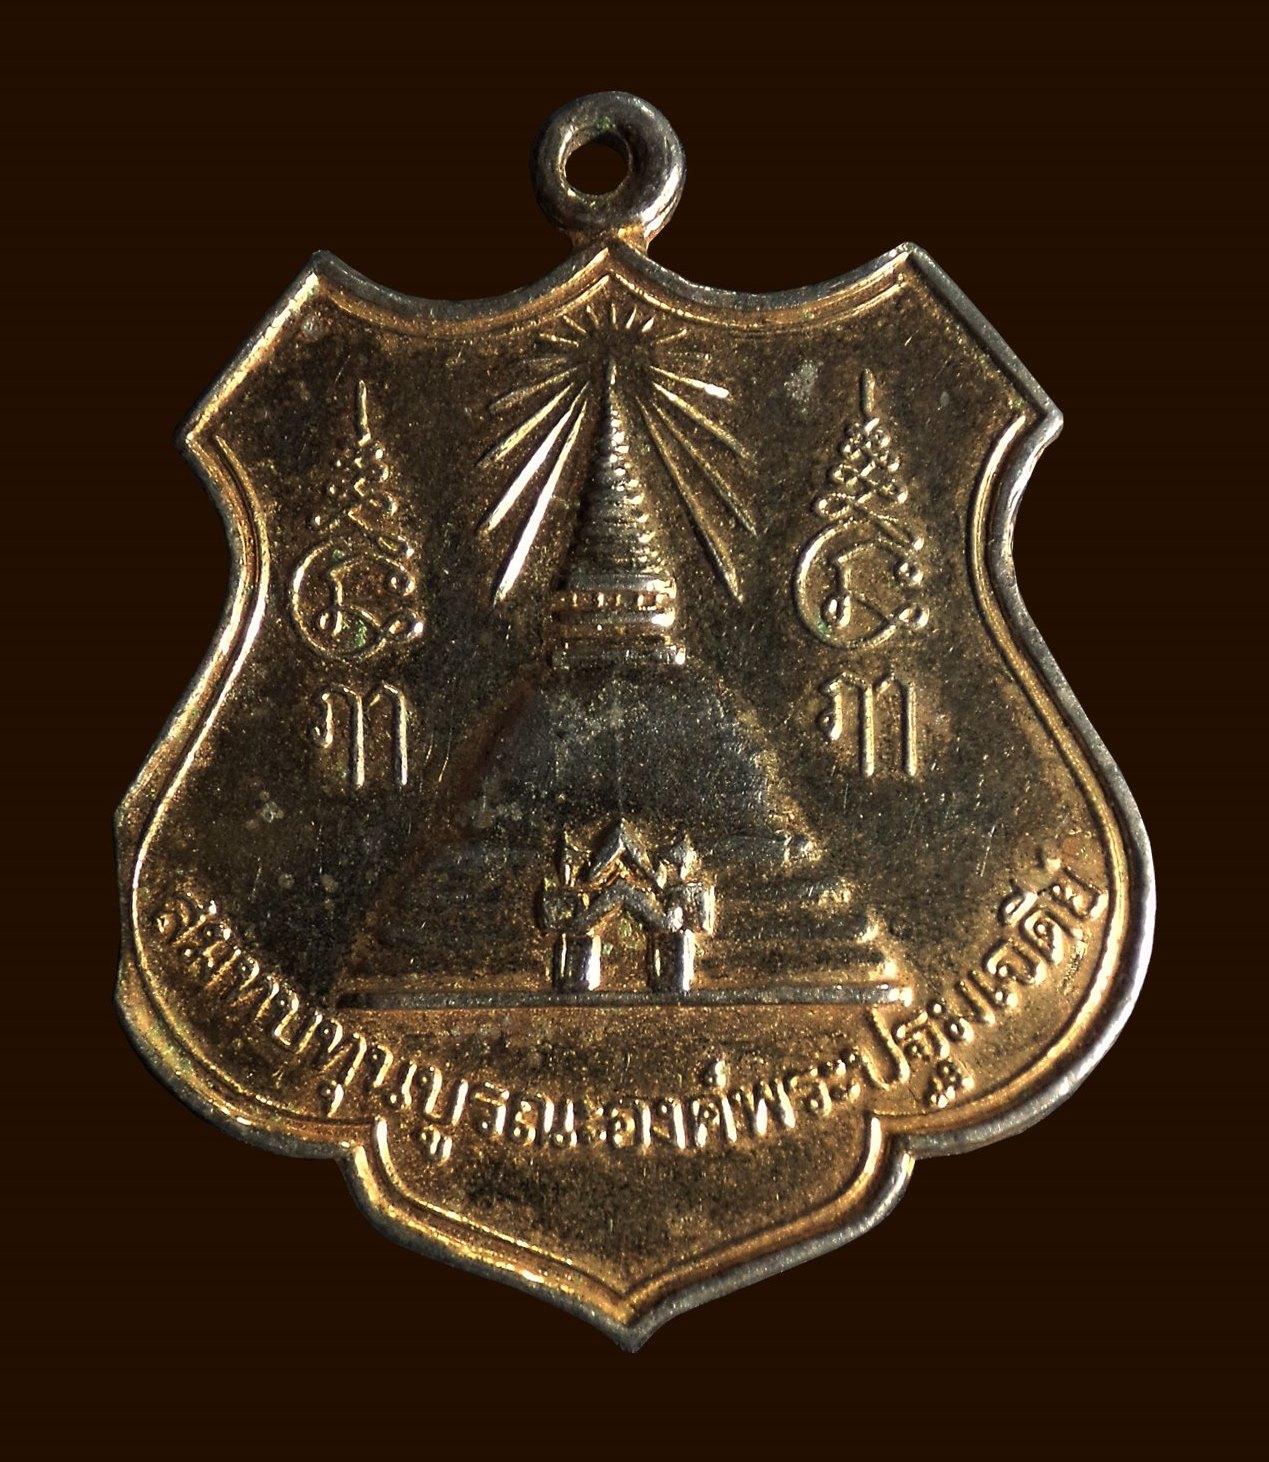 เหรียญพระปฐมเจดีย์ หลังลูกเสือชาวบ้าน วัดพระปฐมเจดีย์ จ.นครปฐม ปี2520